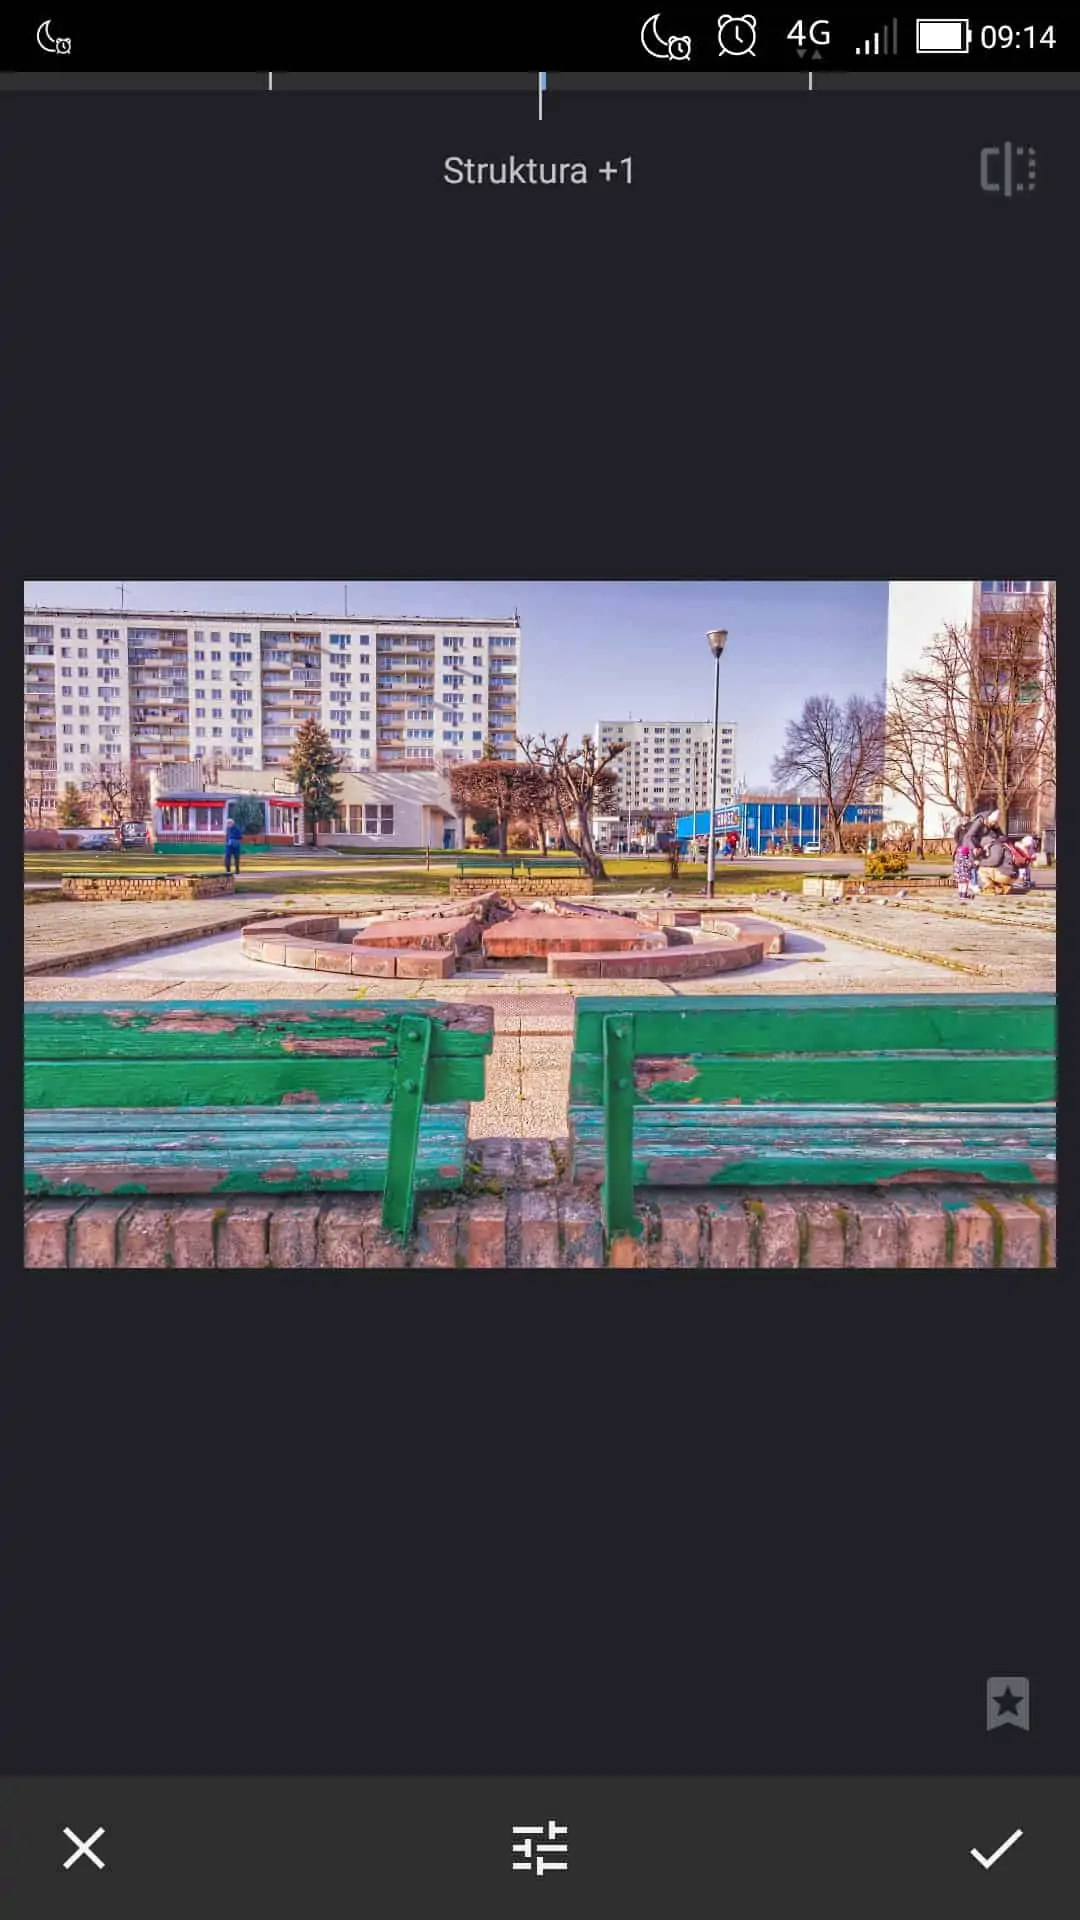 filtr struktury zdjęcie oryginalne - Snapseed apka do zdjęć dla każdego